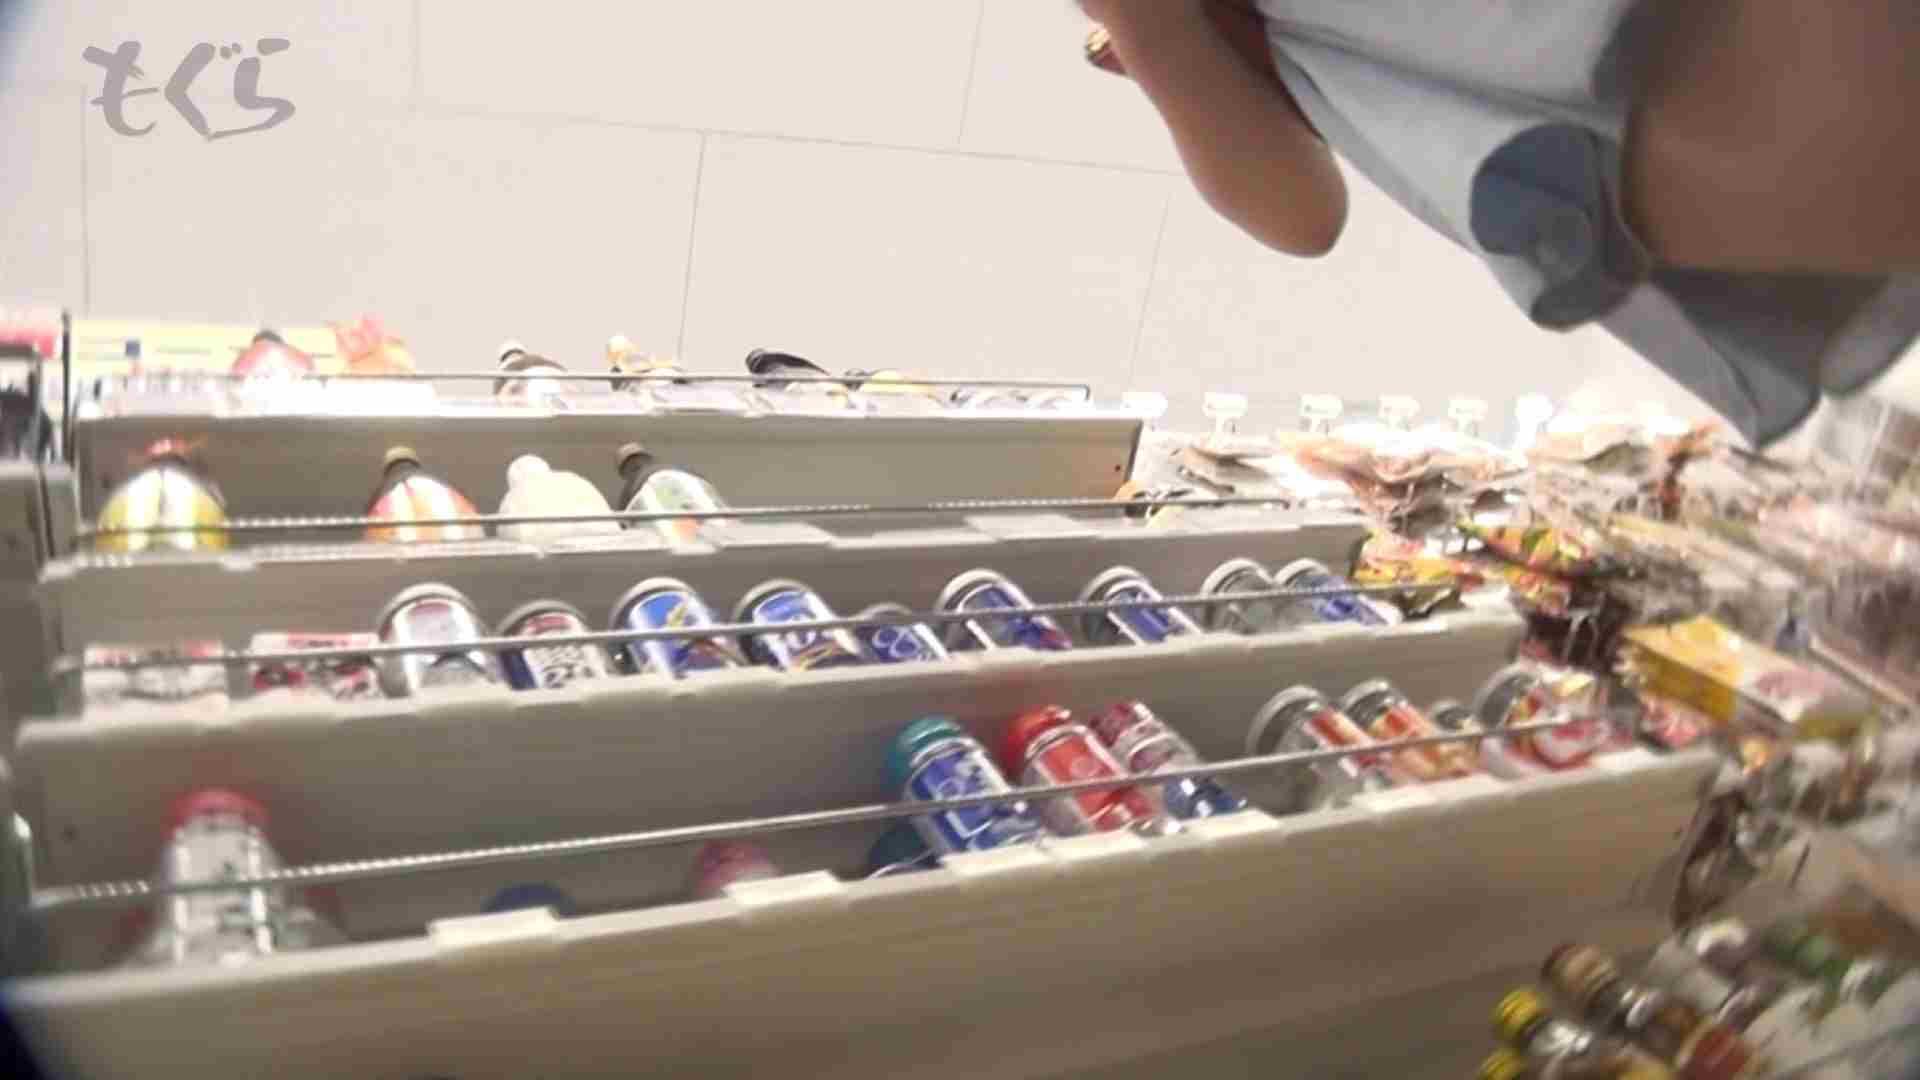 無修正エロ動画|隣からNo31 白のワンピと水色のワンピ!!|怪盗ジョーカー